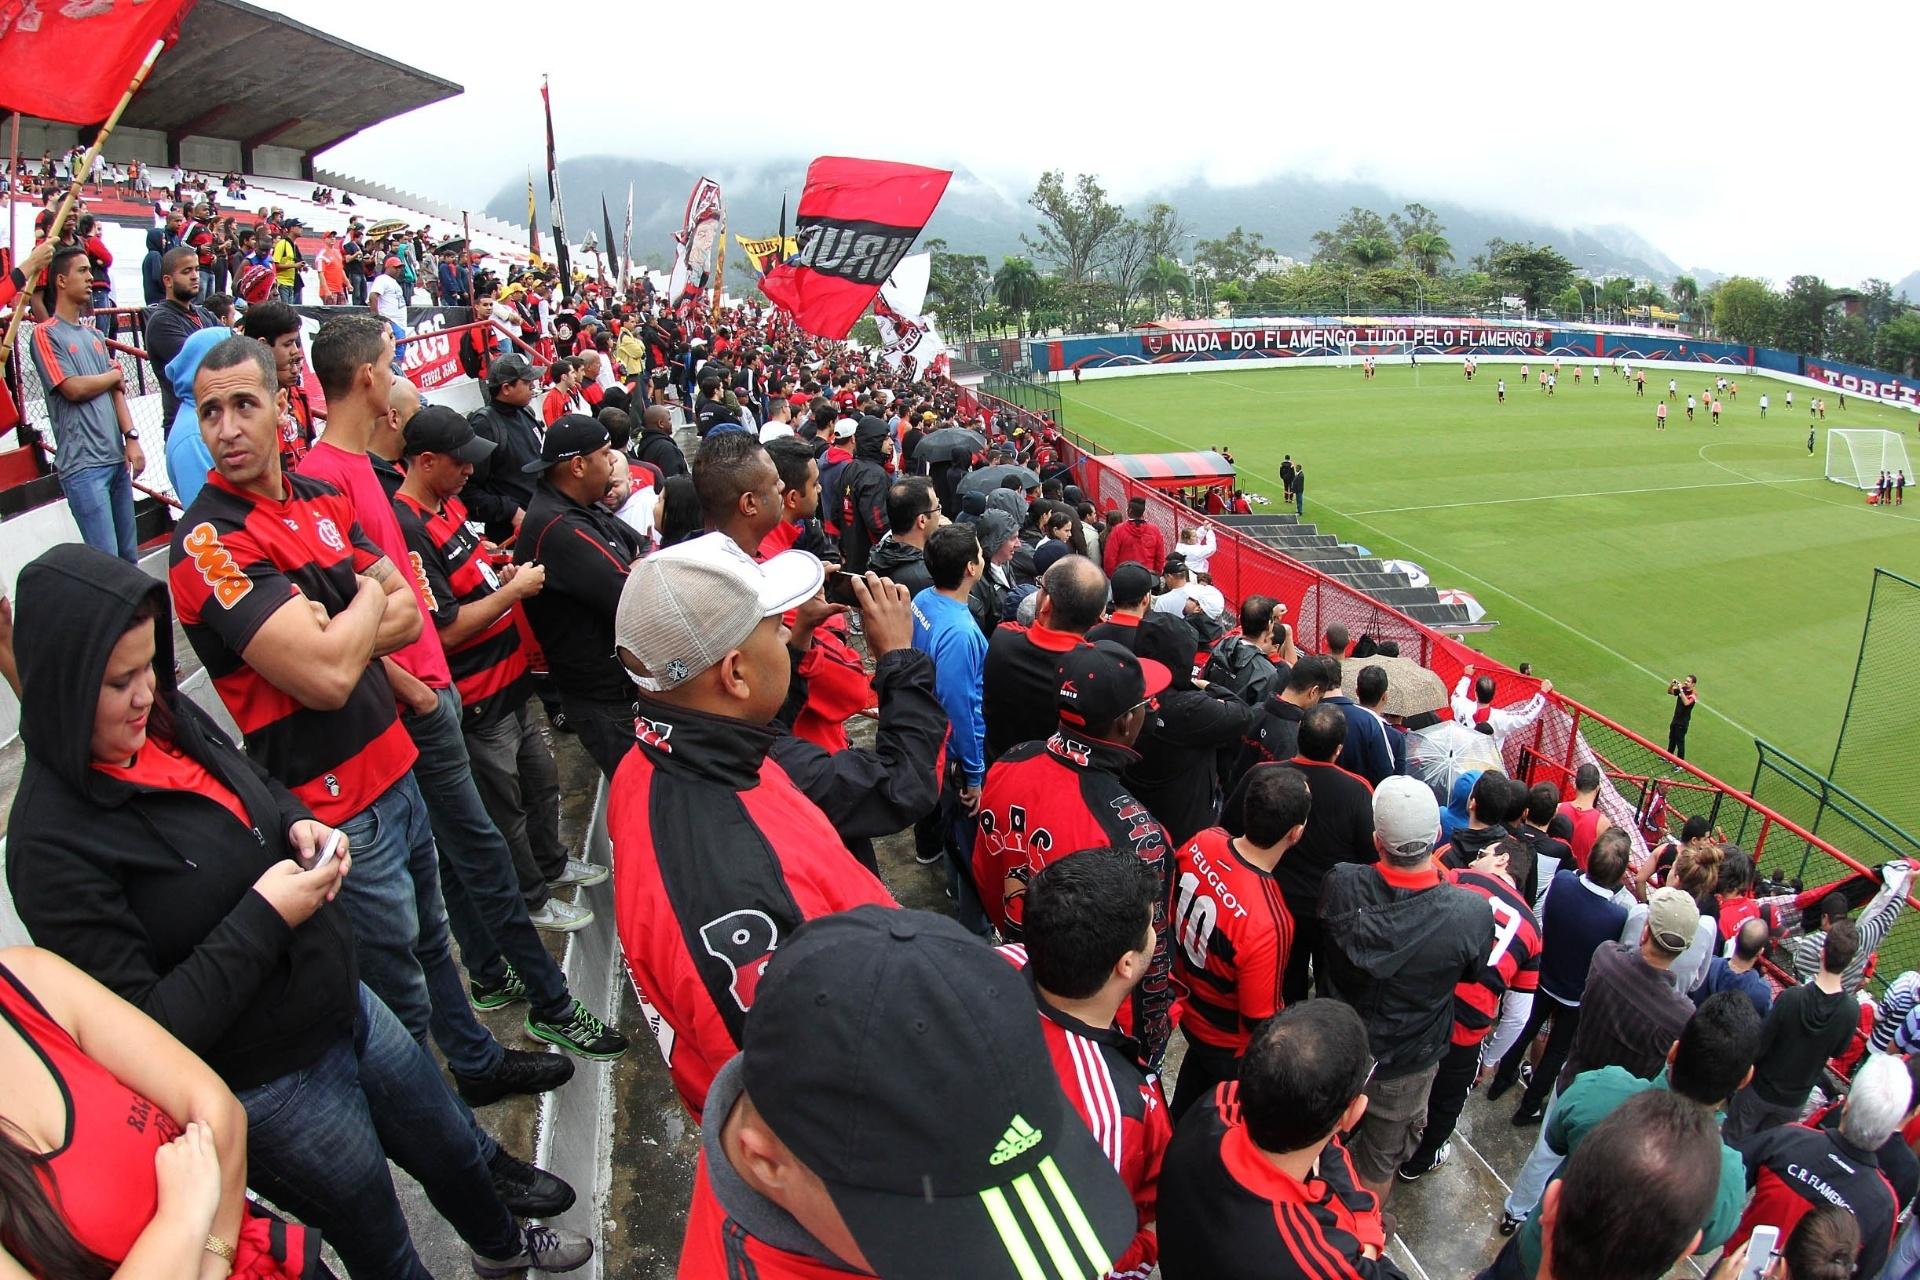 25f74b36fc Fla põe estádio da Gávea em  stand-by  e prevê Arena Multiuso só em 2019 -  05 10 2017 - UOL Esporte